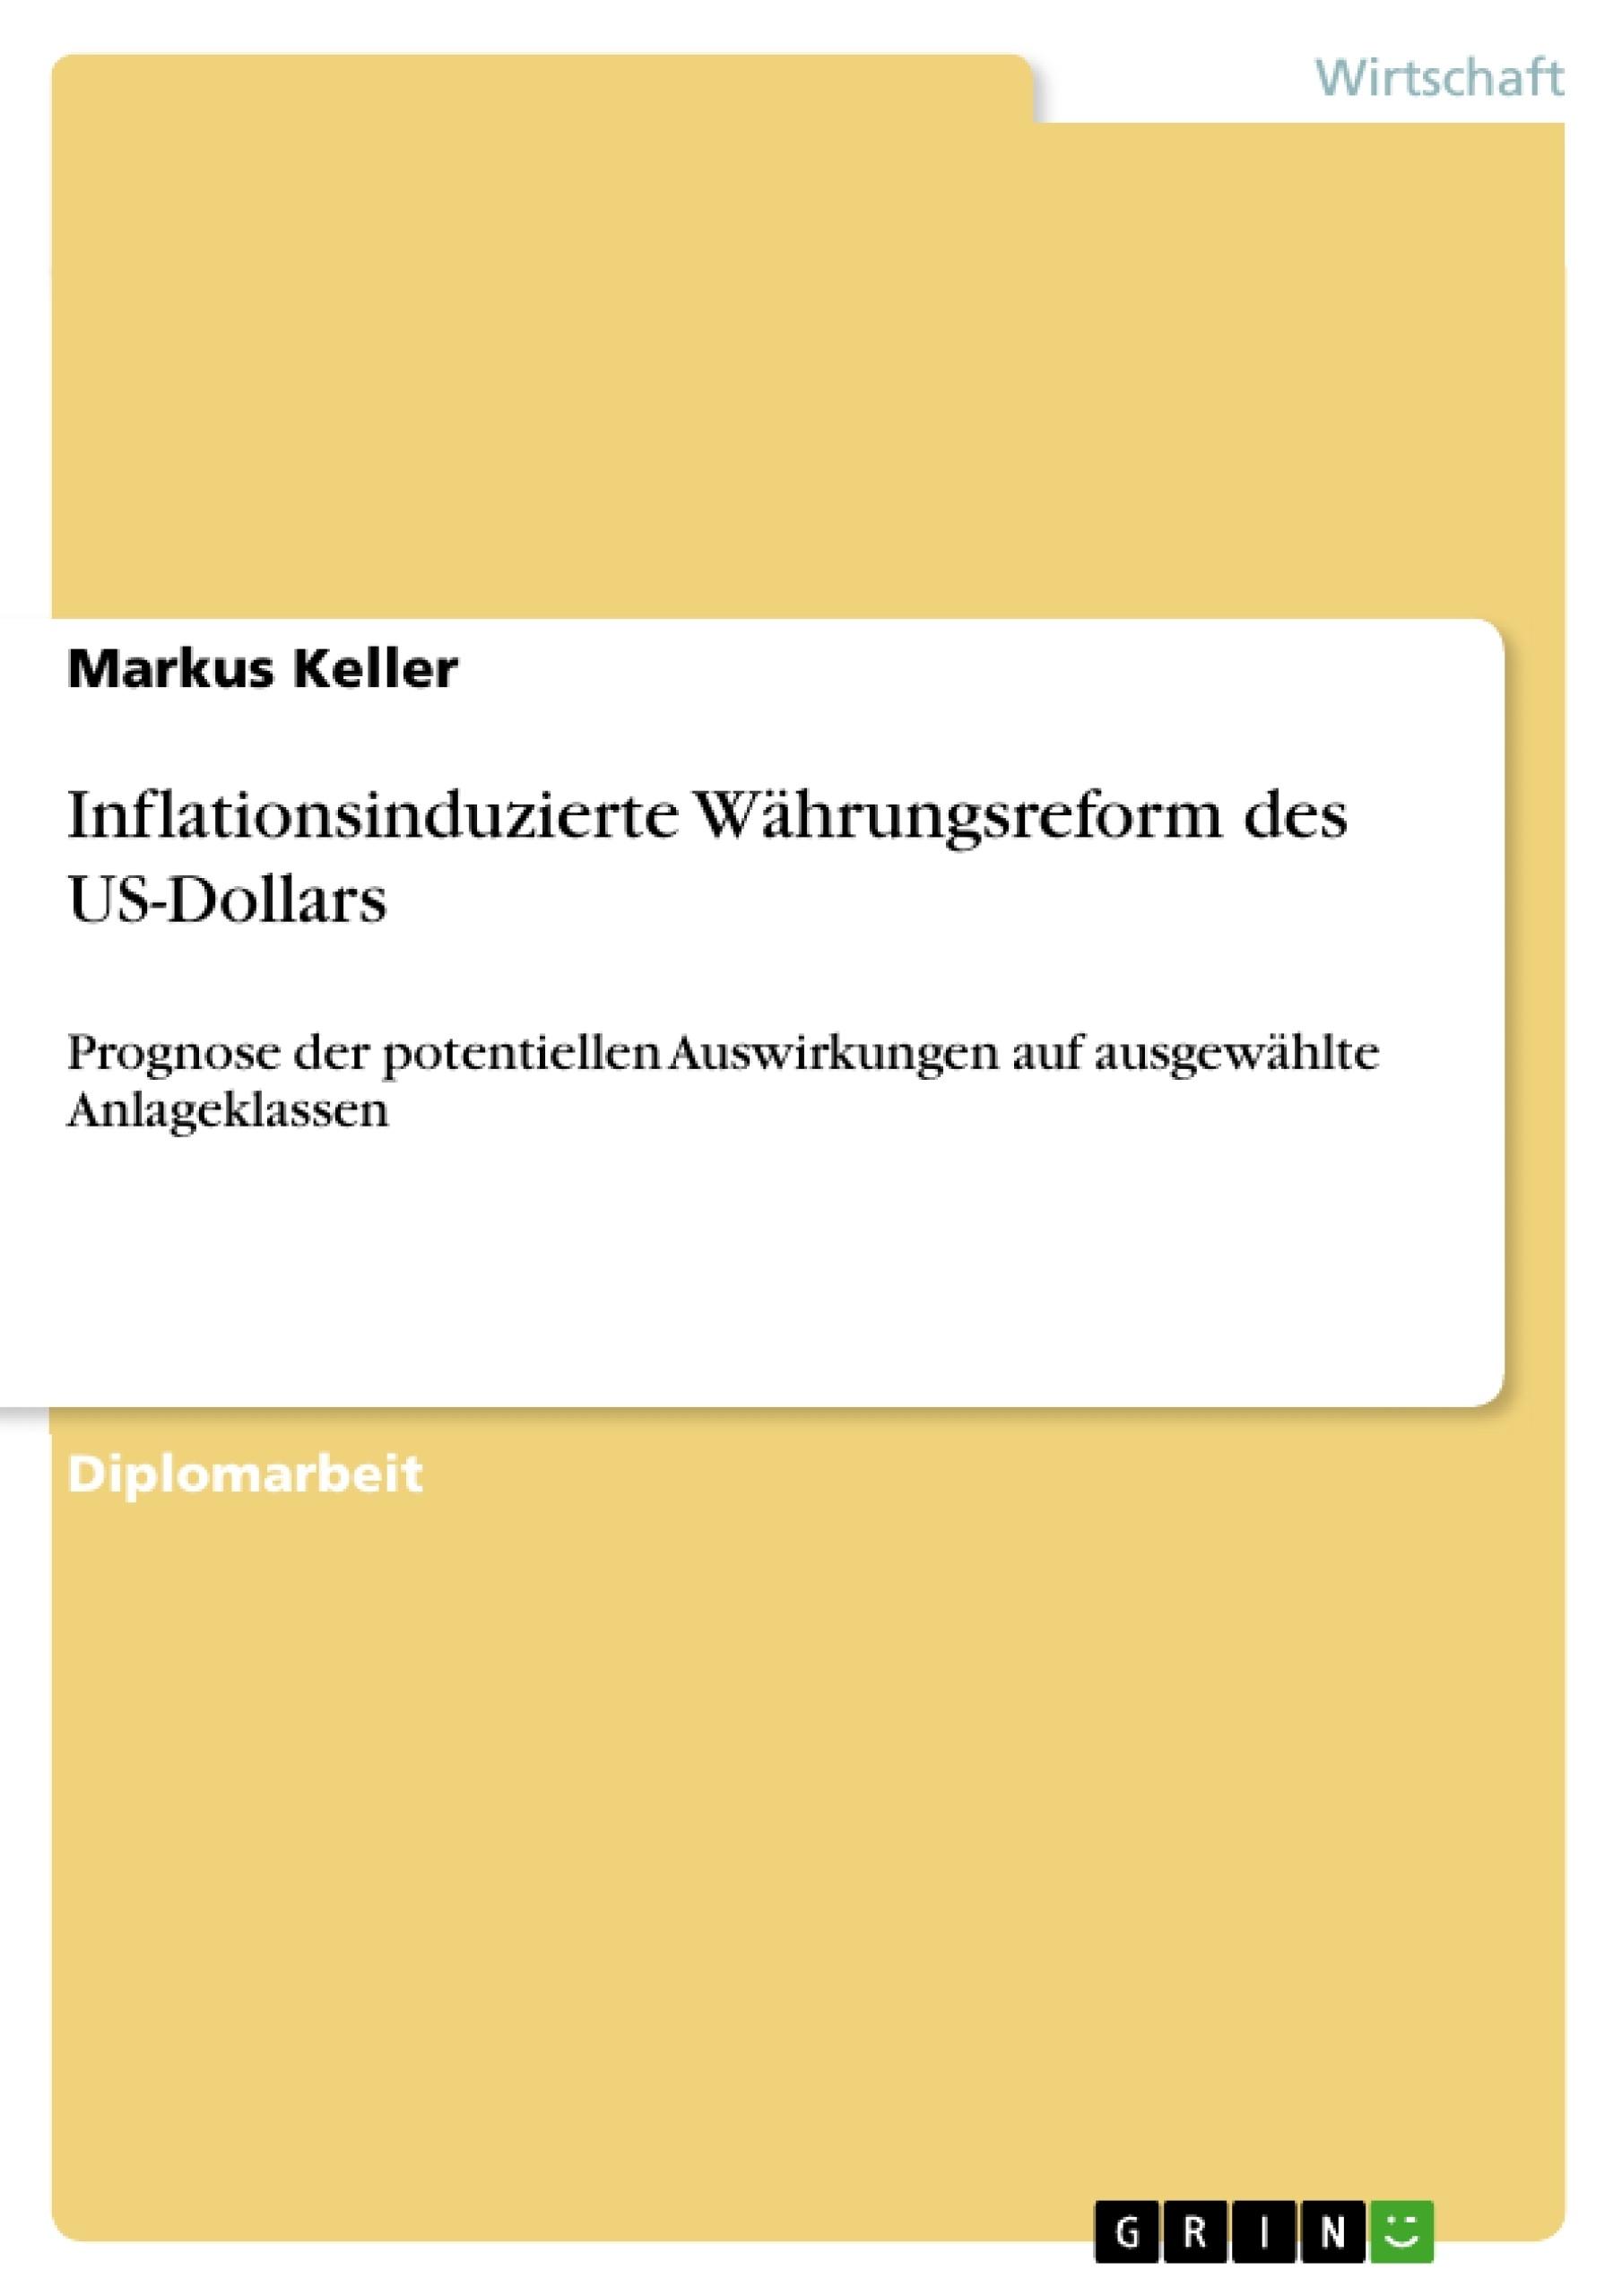 Titel: Inflationsinduzierte Währungsreform des US-Dollars